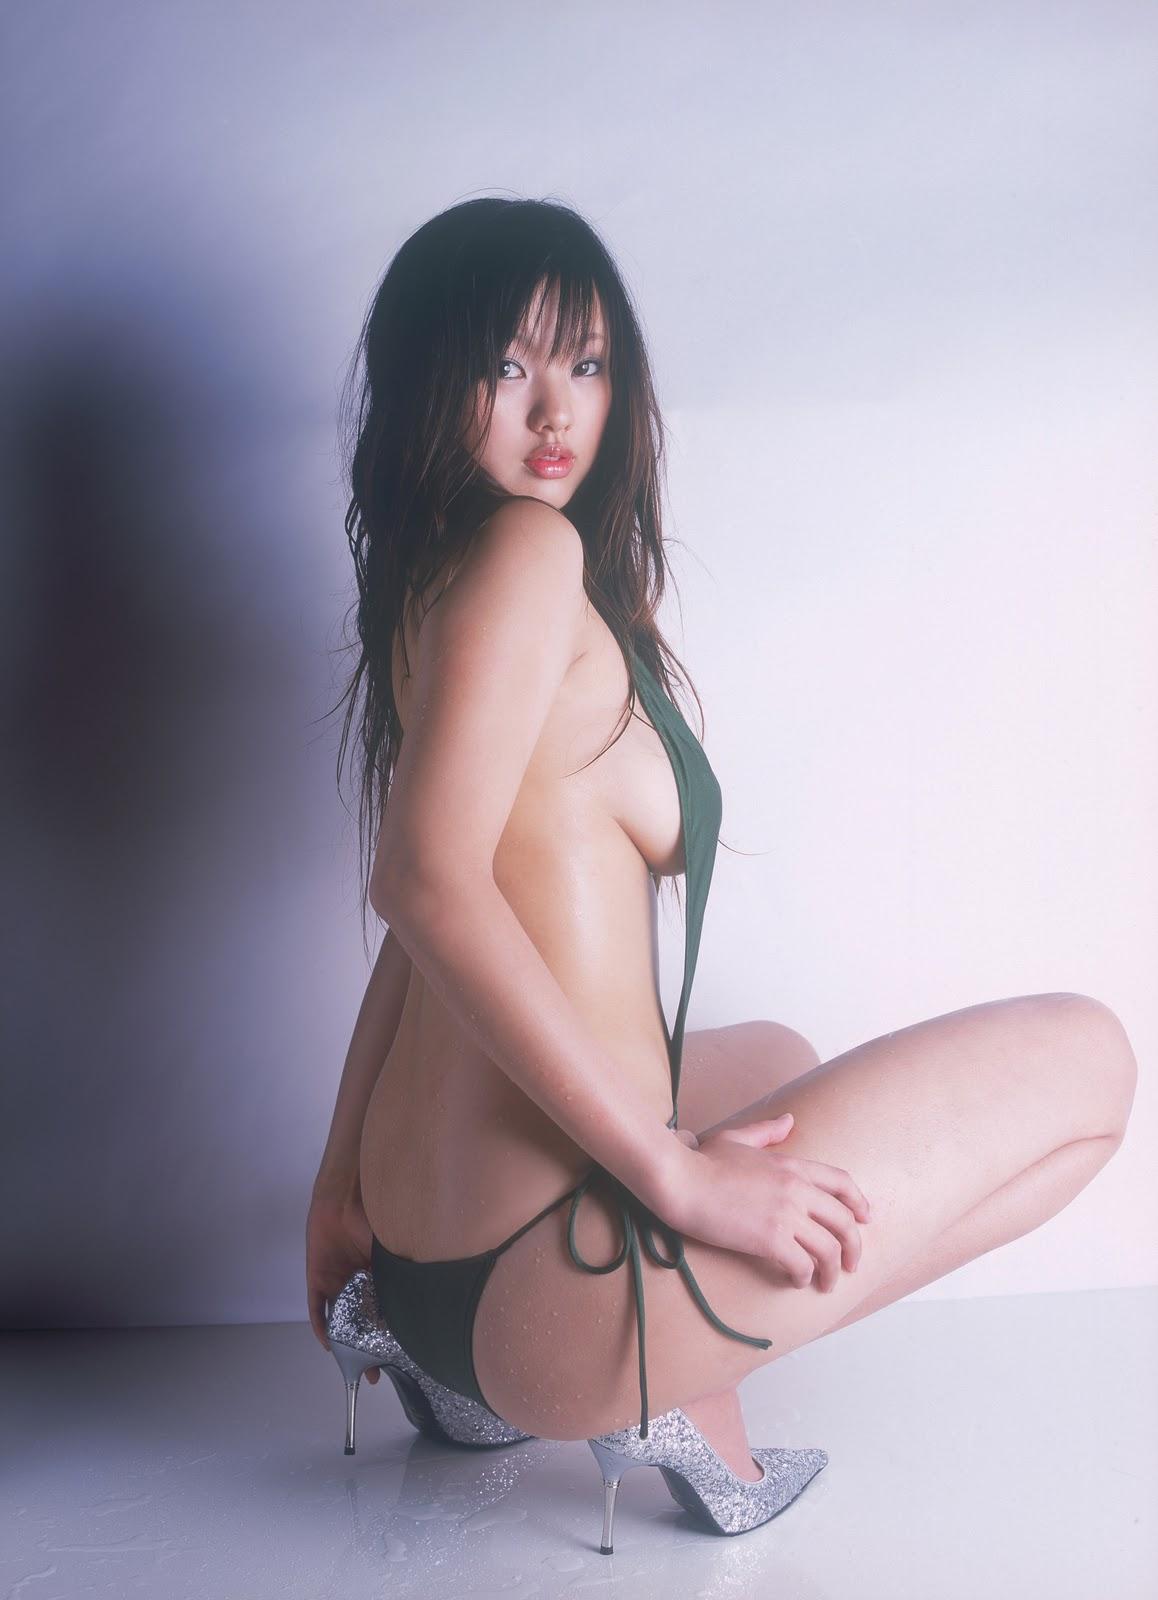 Японские сексуальные девушки фото 12 фотография